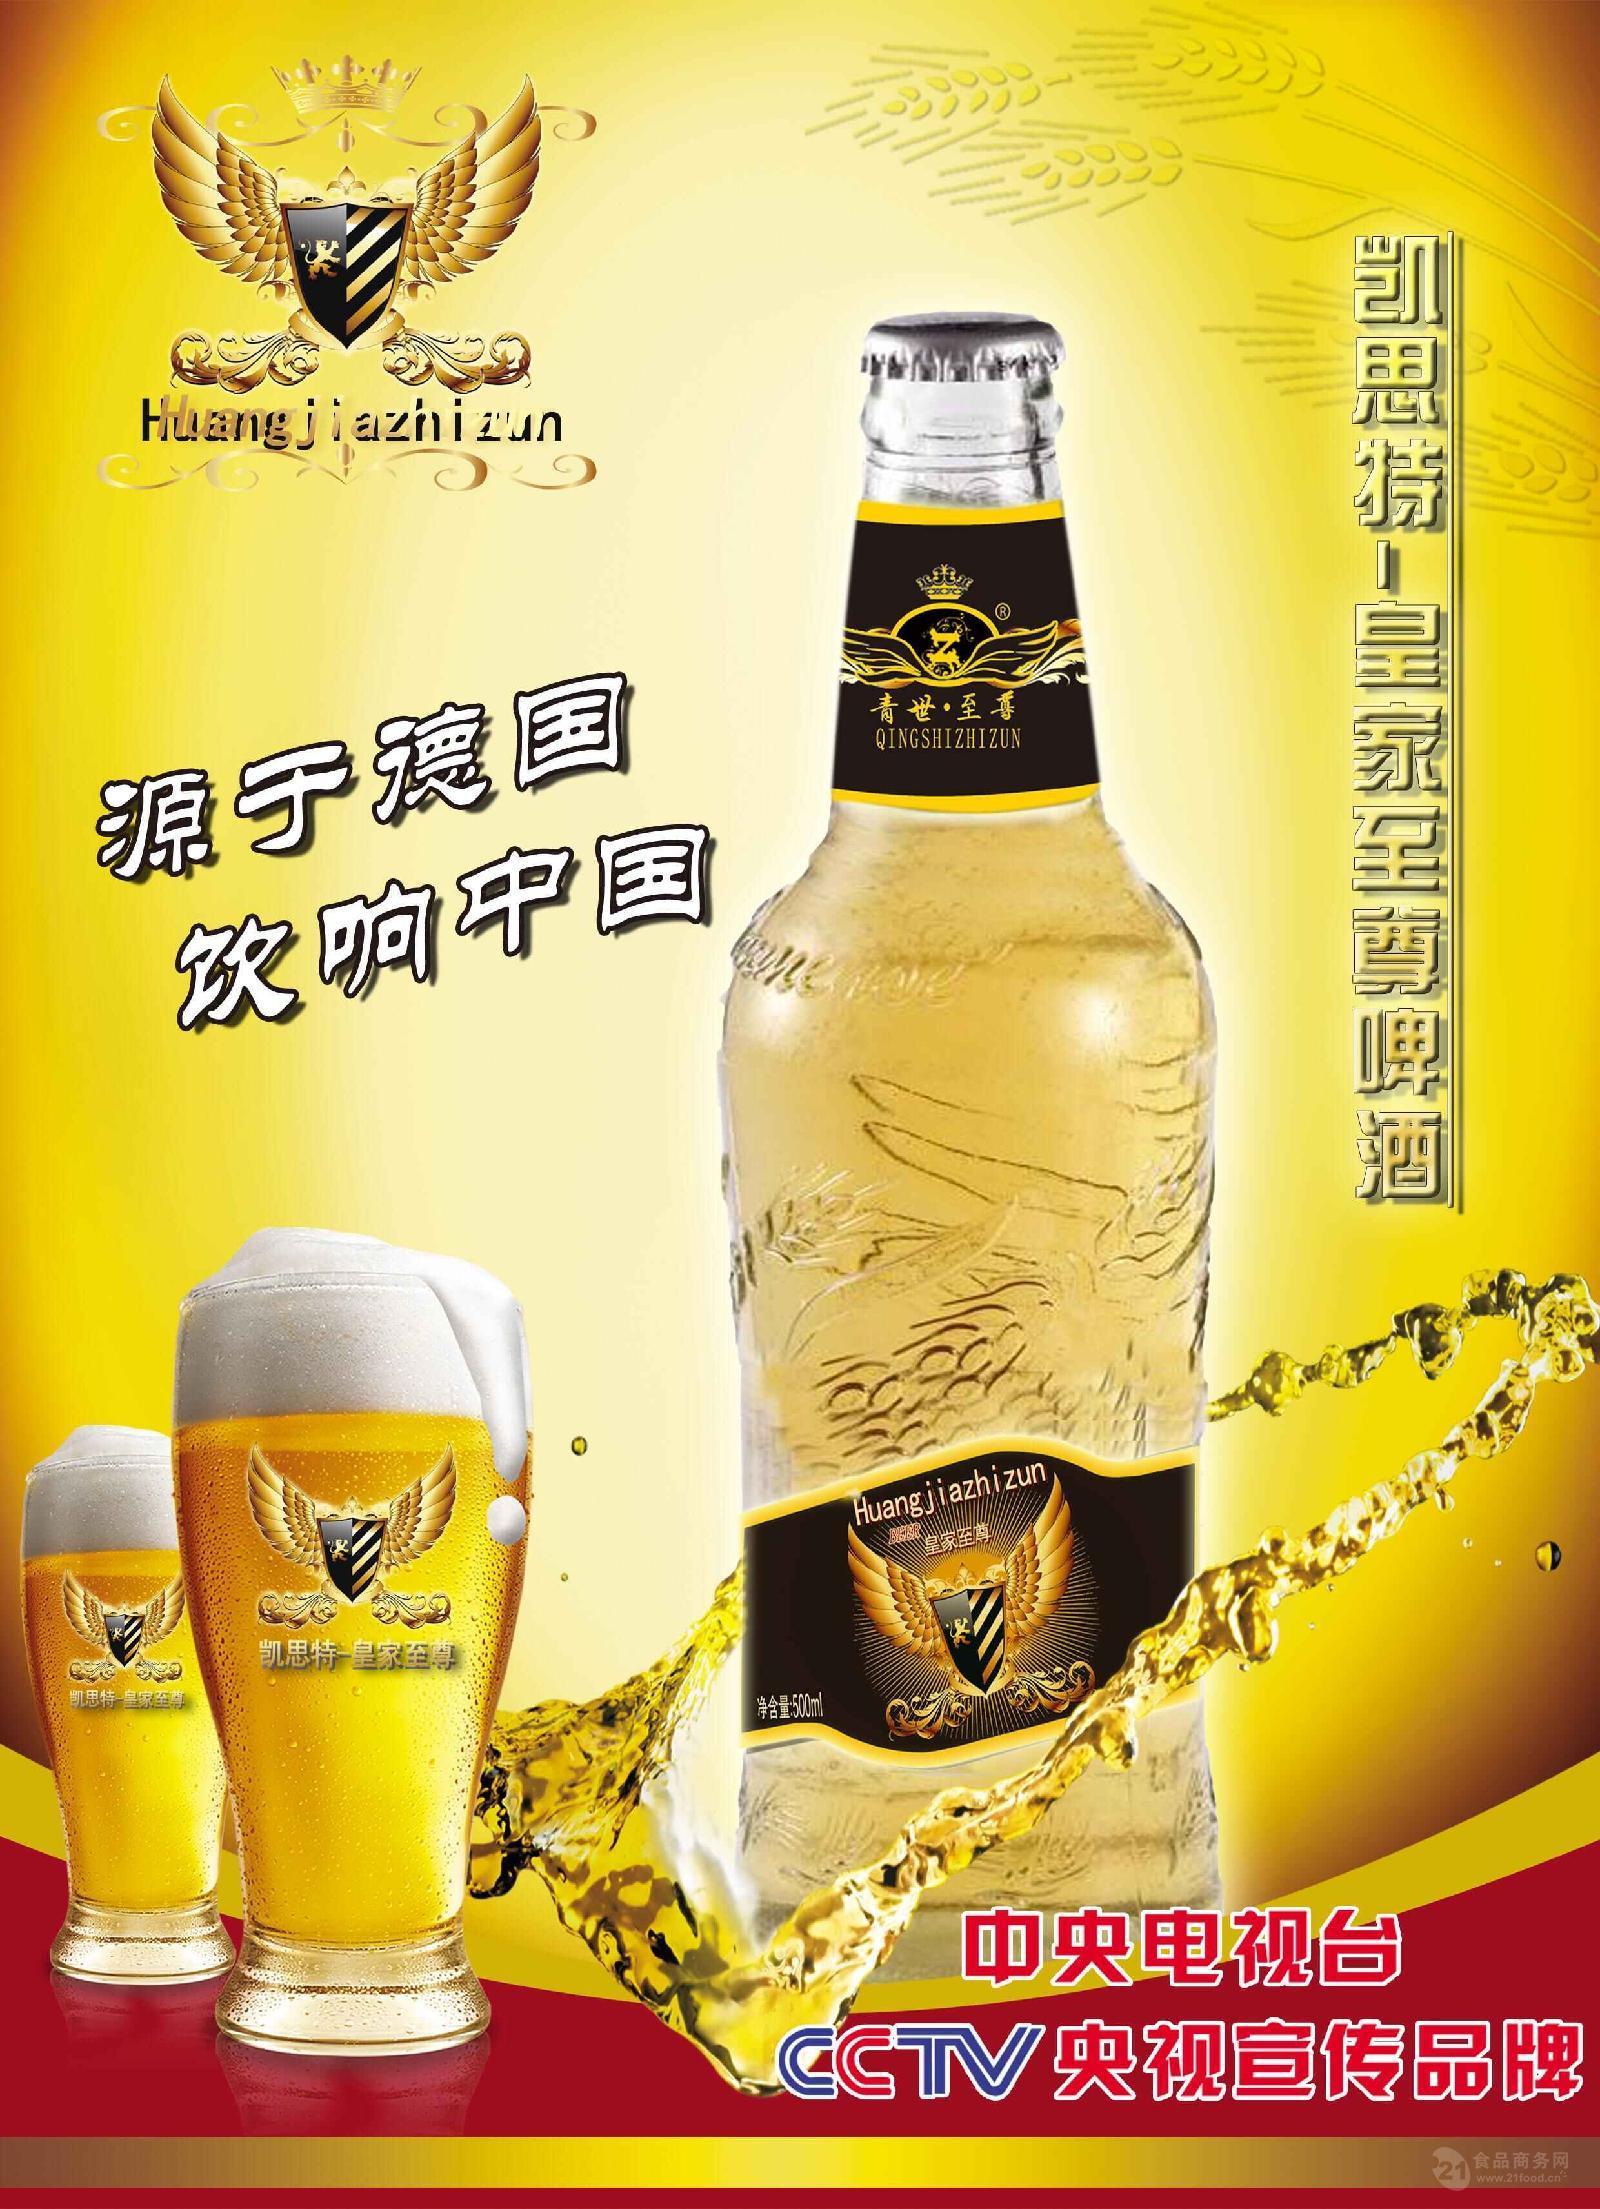 500毫升皇家至尊啤酒(特色异形标包装)